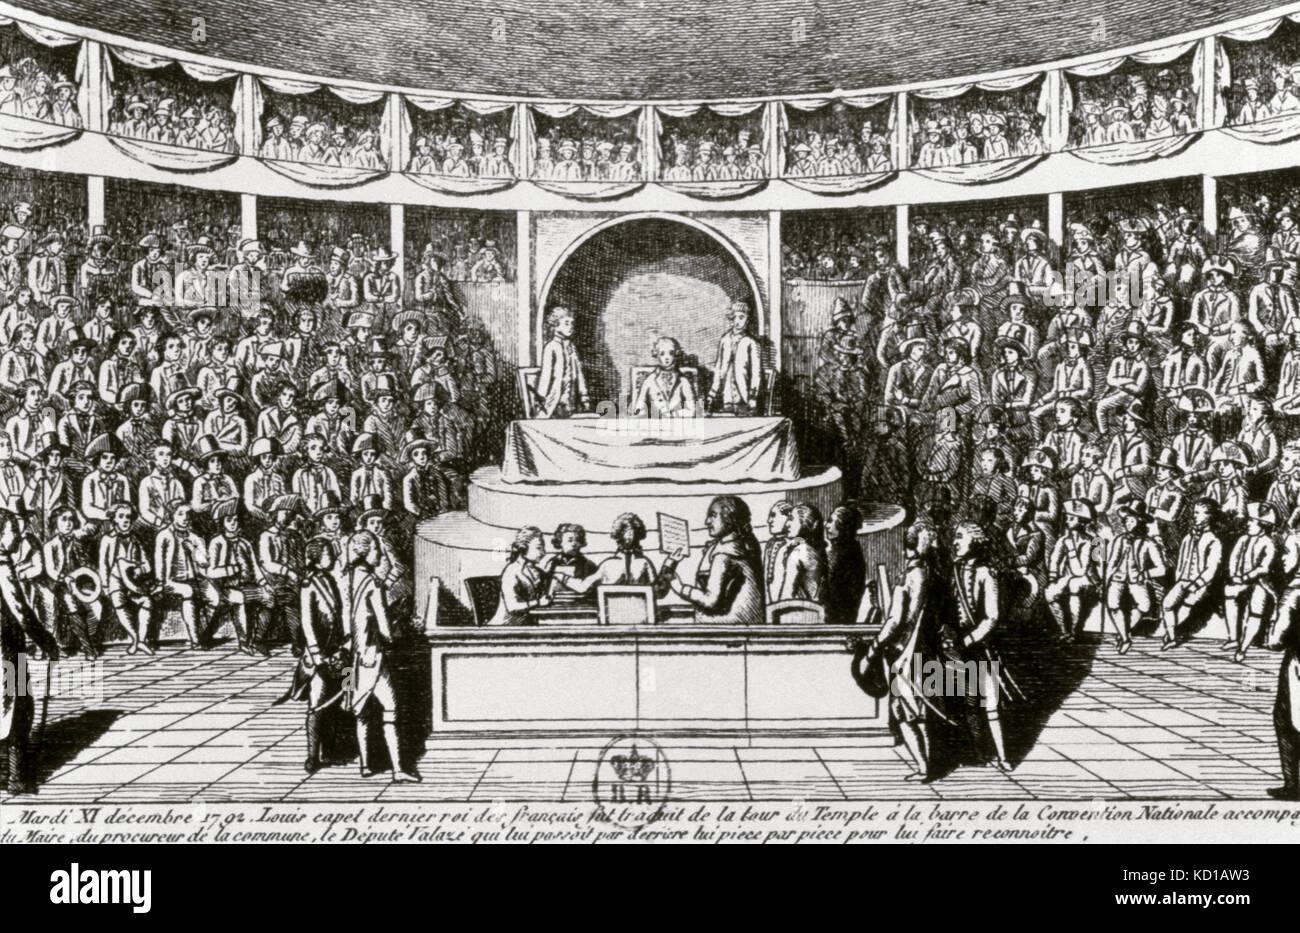 a history of the french revolution of 1789 1799 Histoire et dictionnaire de la revolution franfaise, 1789-1799, by jean tu-  lard  economic, social, religious, and political origins of the revolution he de .